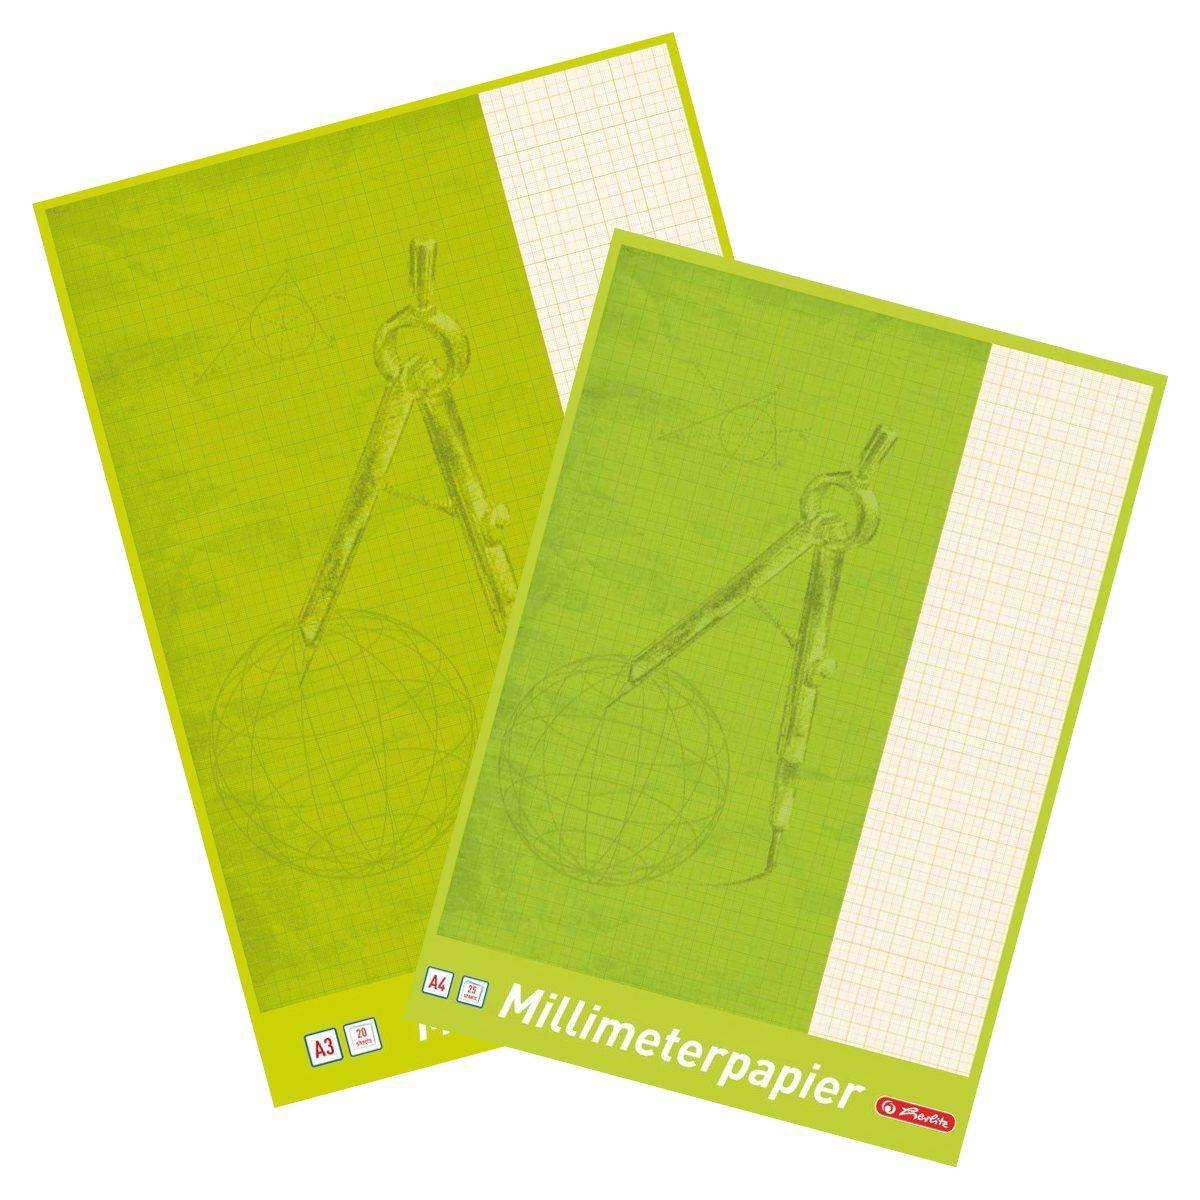 Hârtie Milimetrică, A3 & A4, Herlitz